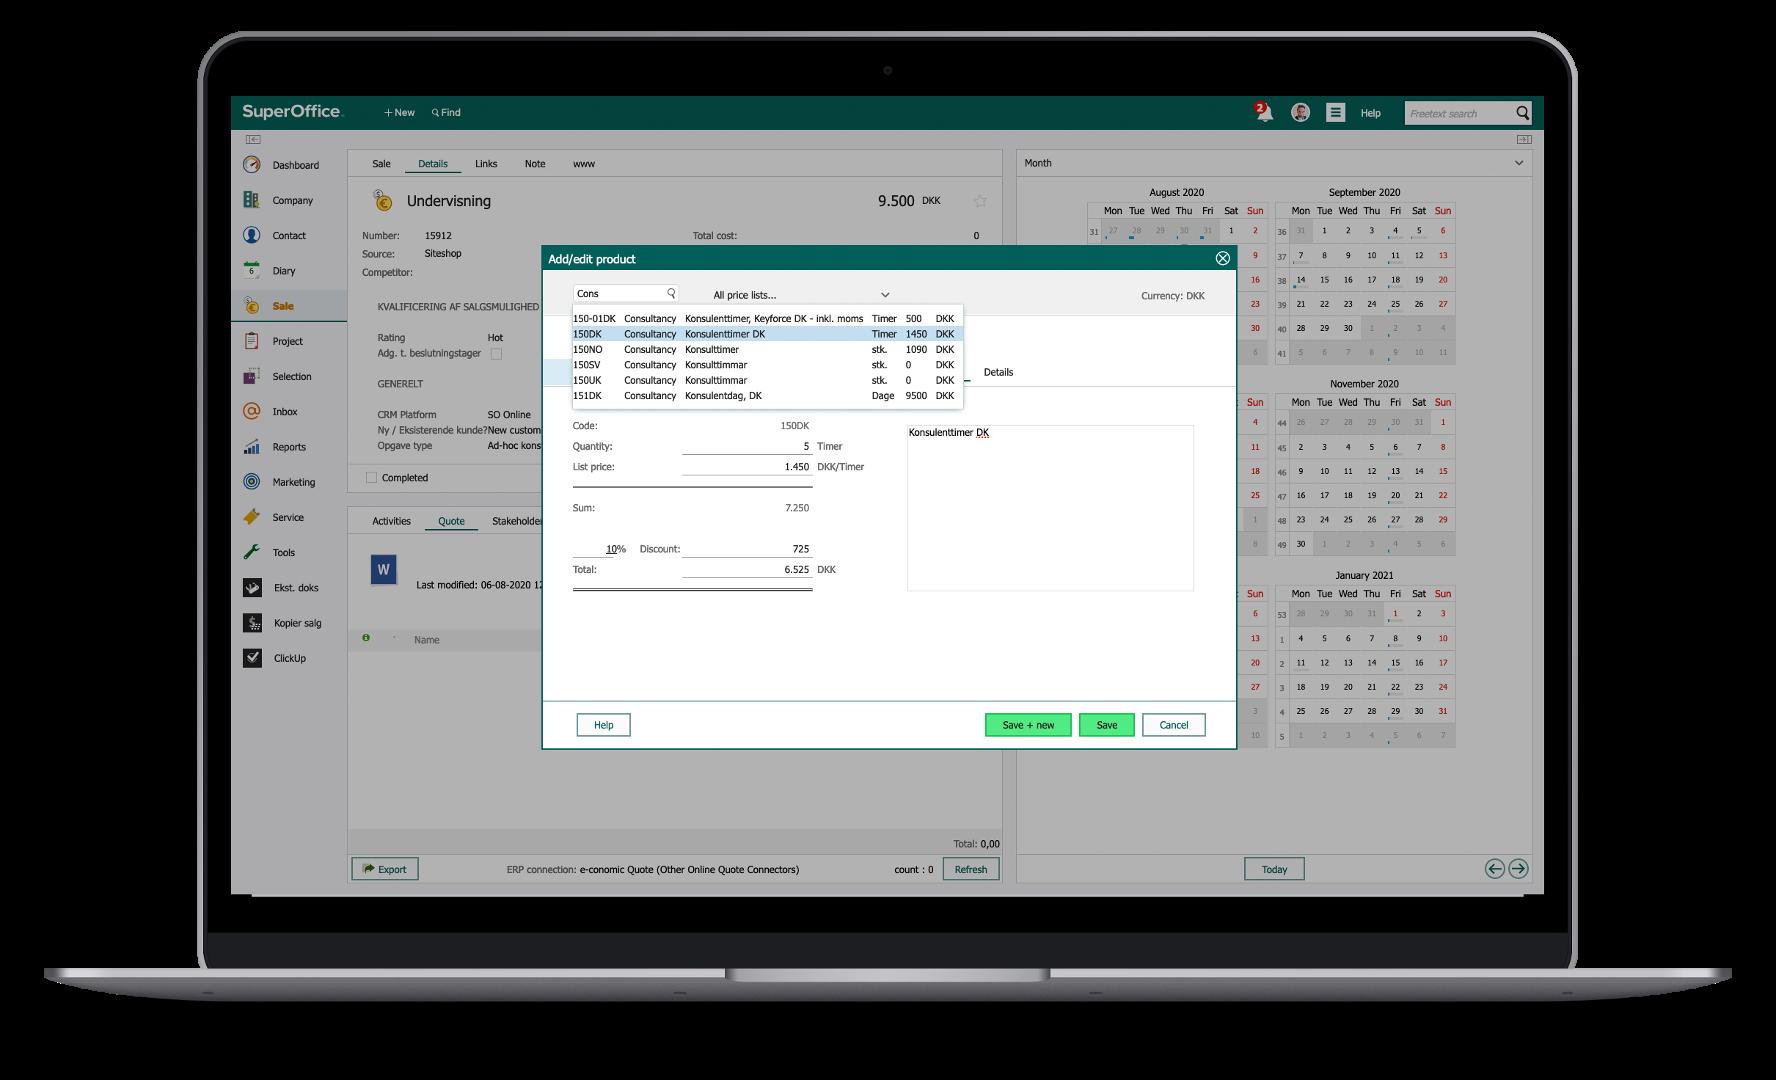 Opret tilbud i SuperOffice med varer og priser fra e·conomic